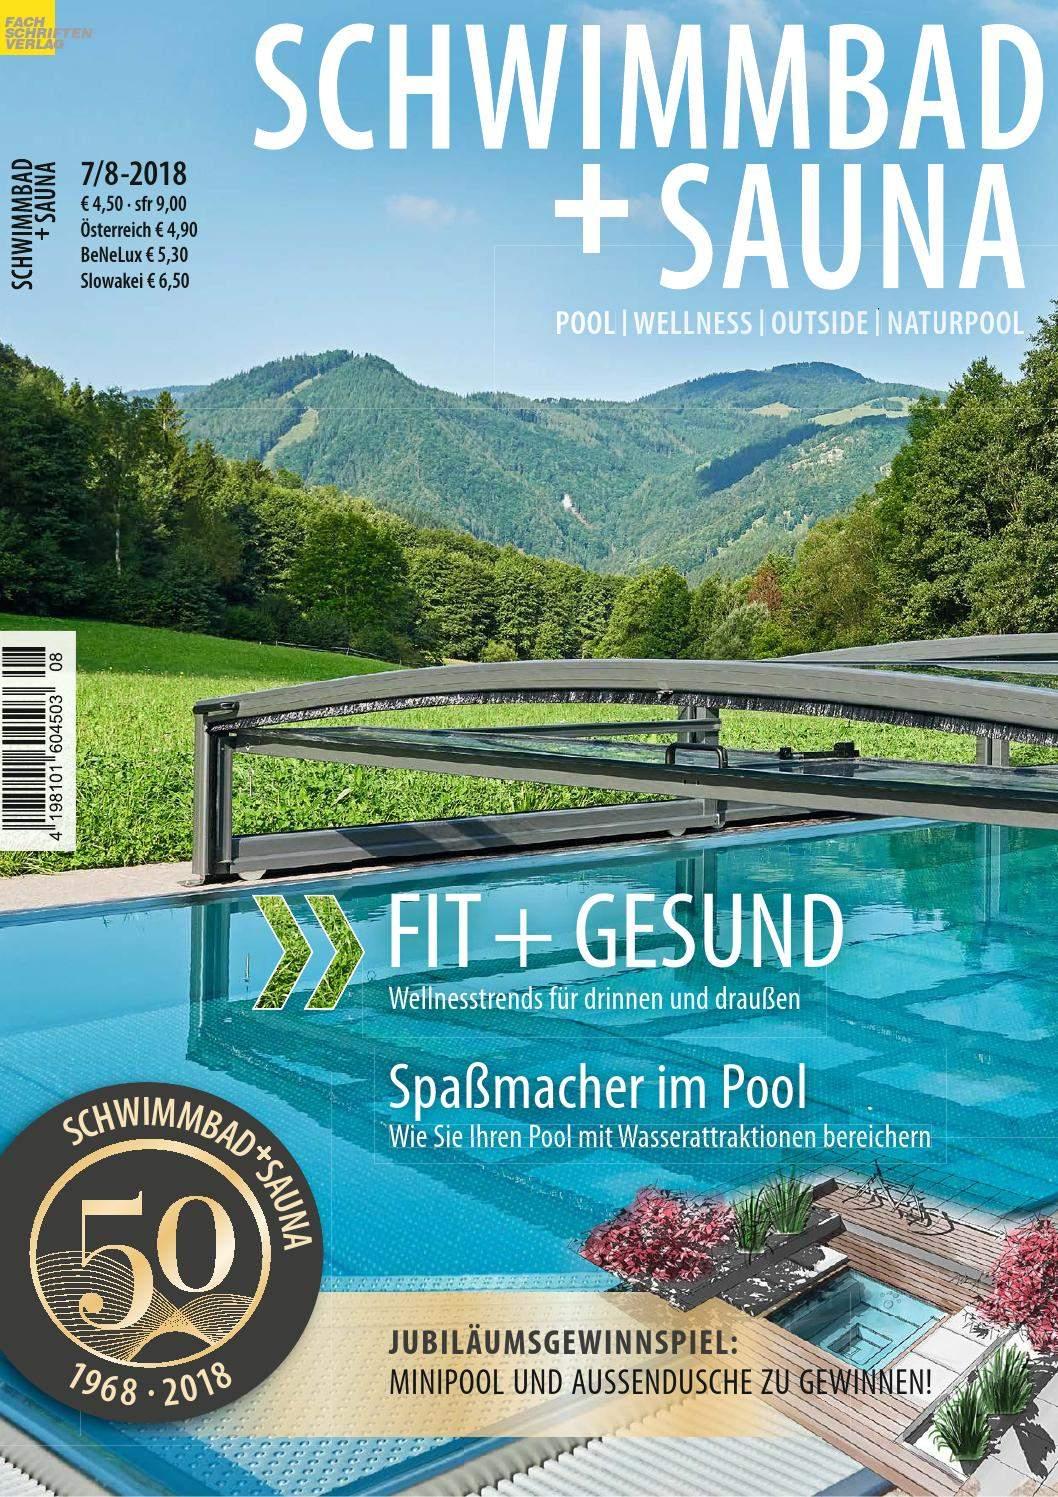 Poollandschaft Garten Inspirierend Schwimmbad Sauna 7 8 2018 by Fachschriften Verlag issuu